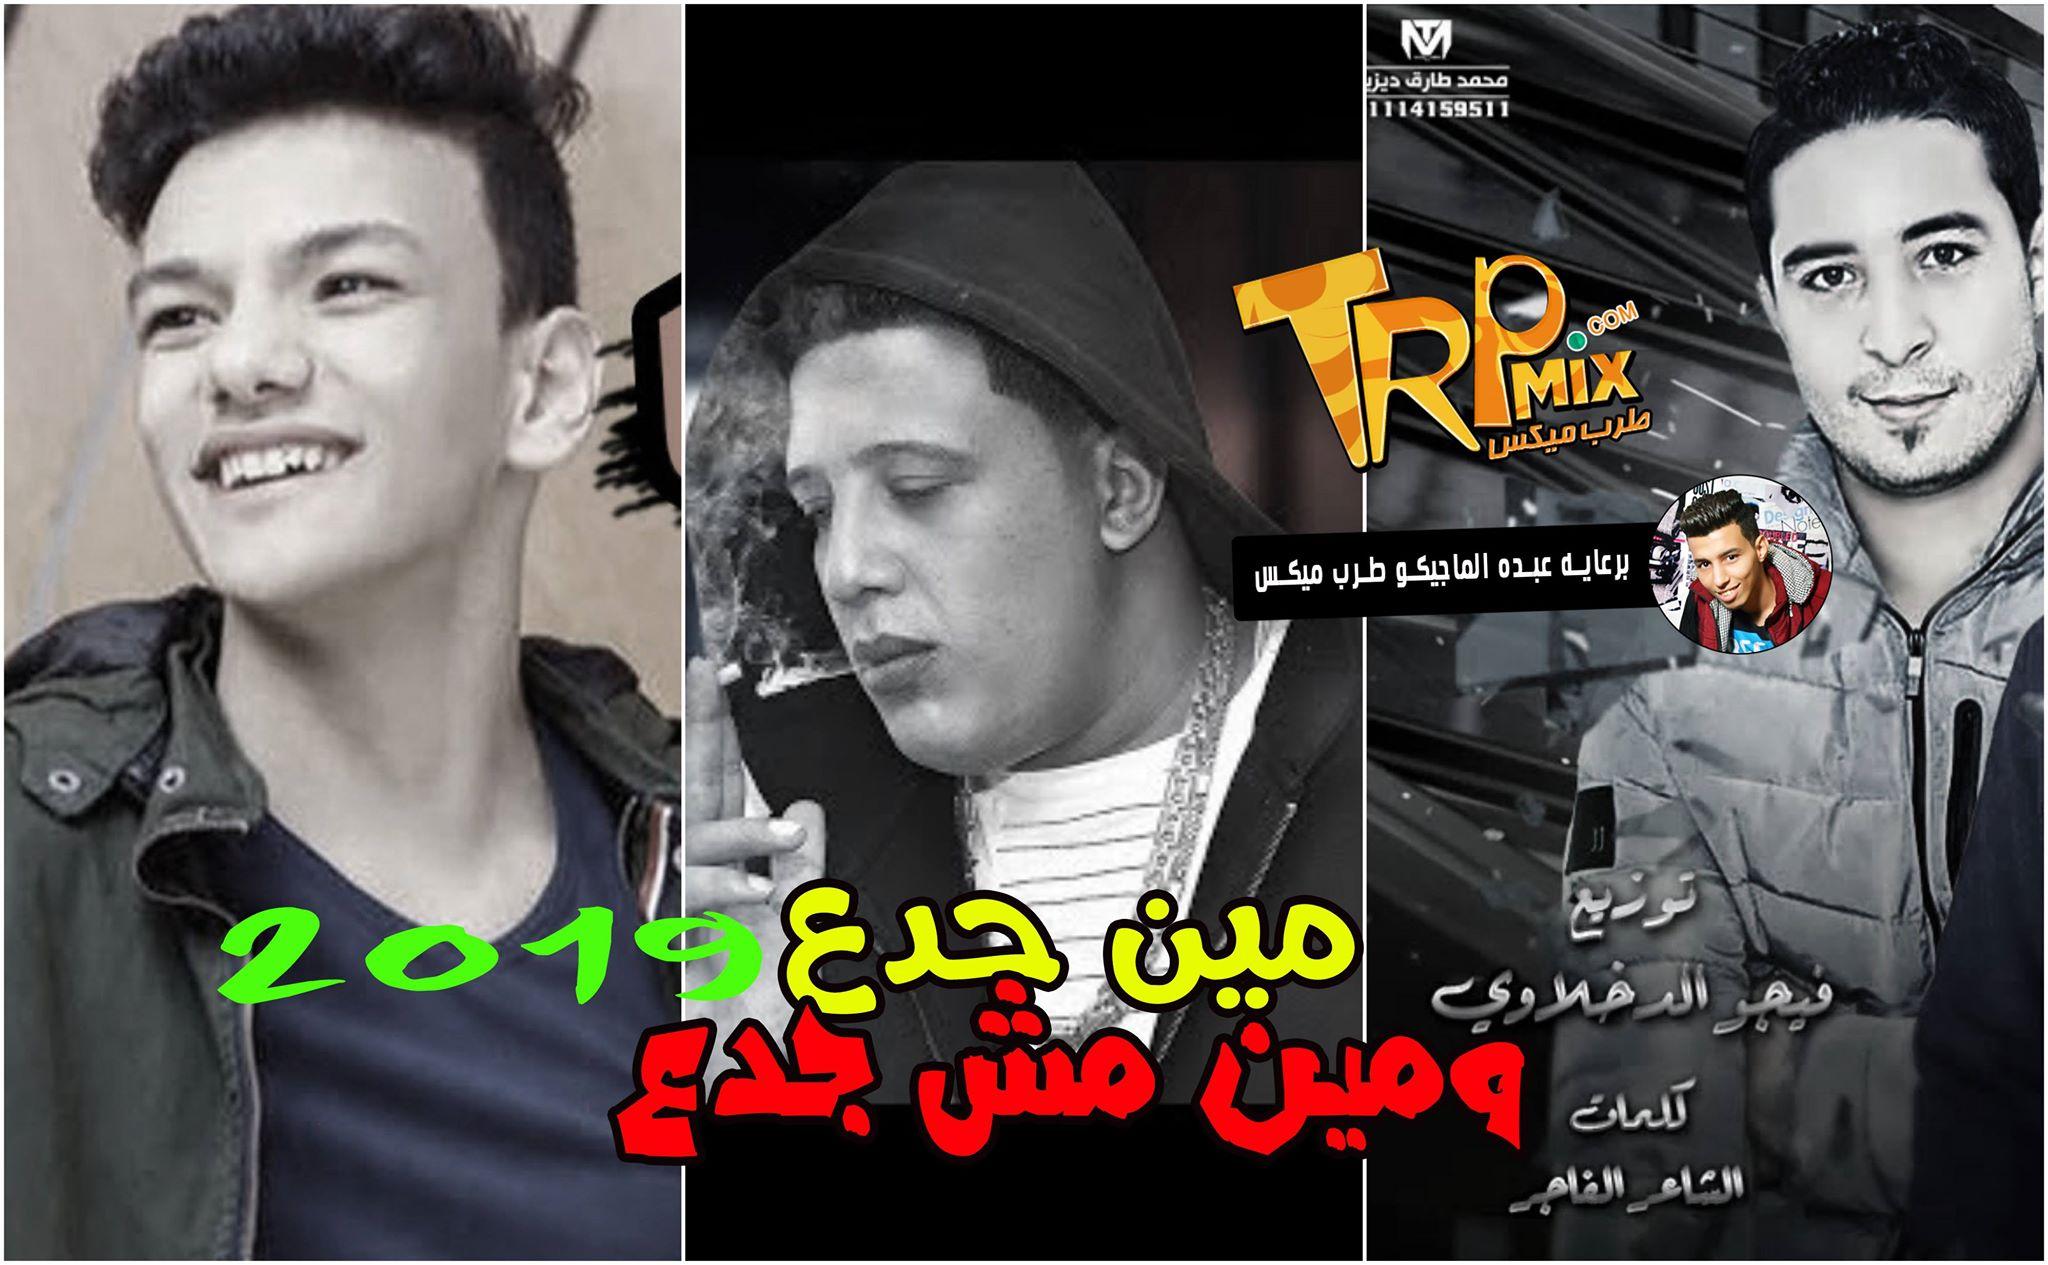 مين جدع | حمو بيكا – حوده بندق 2019